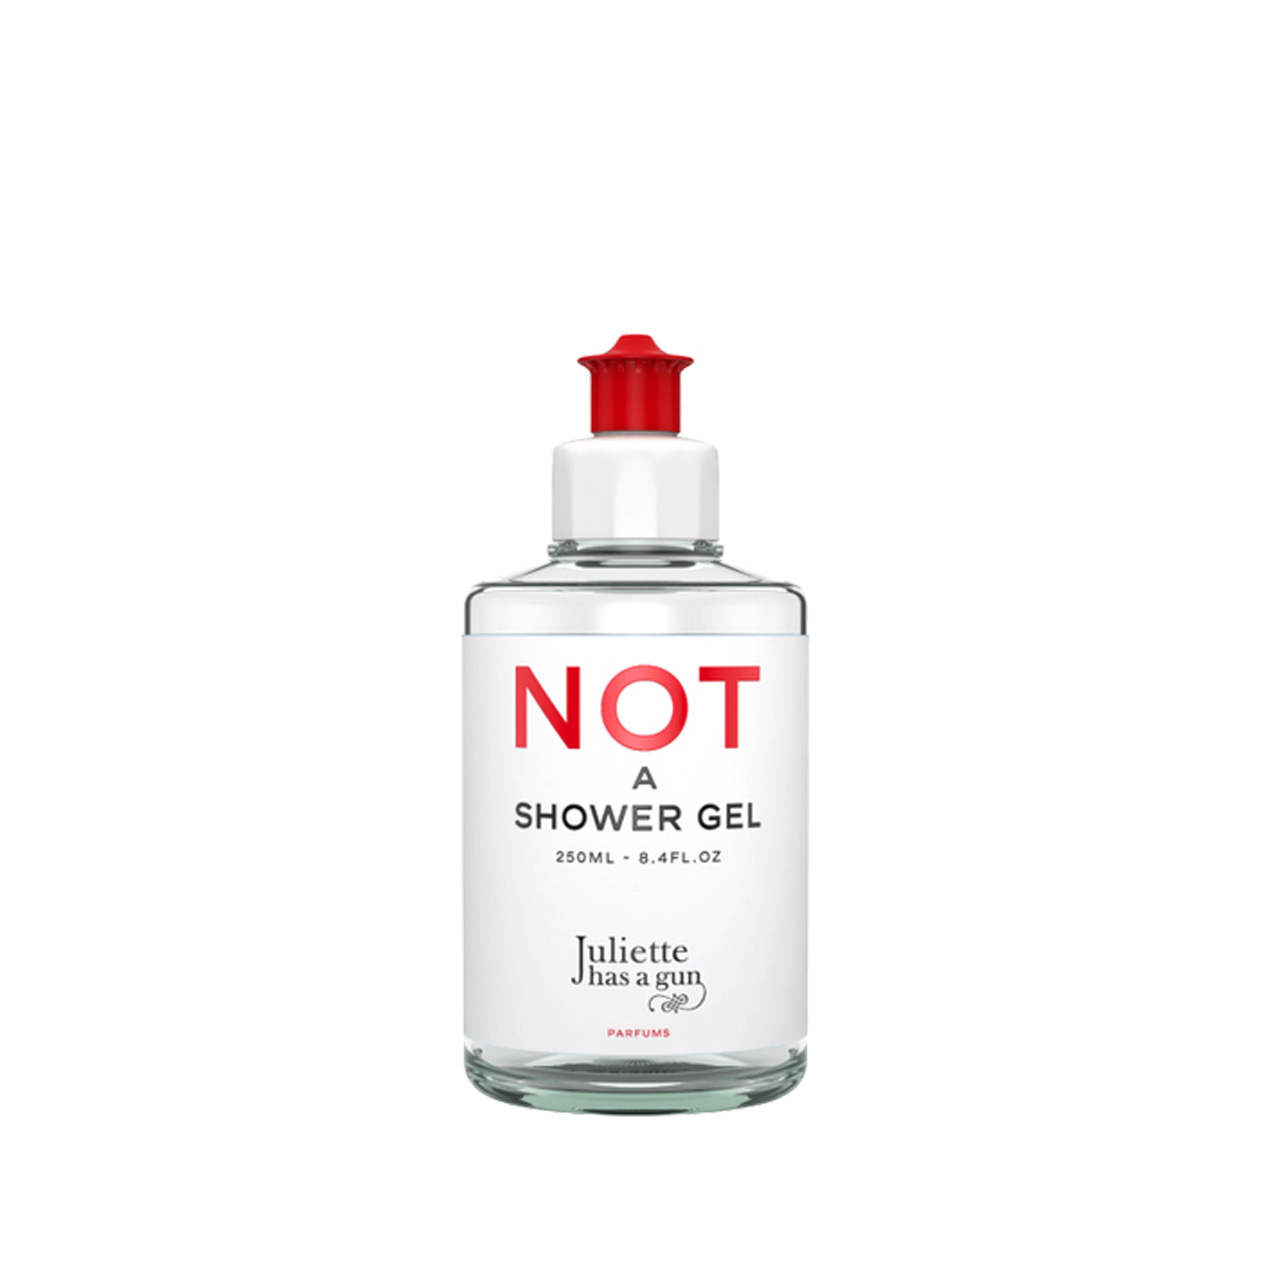 Not a Perfume - Shower Gel